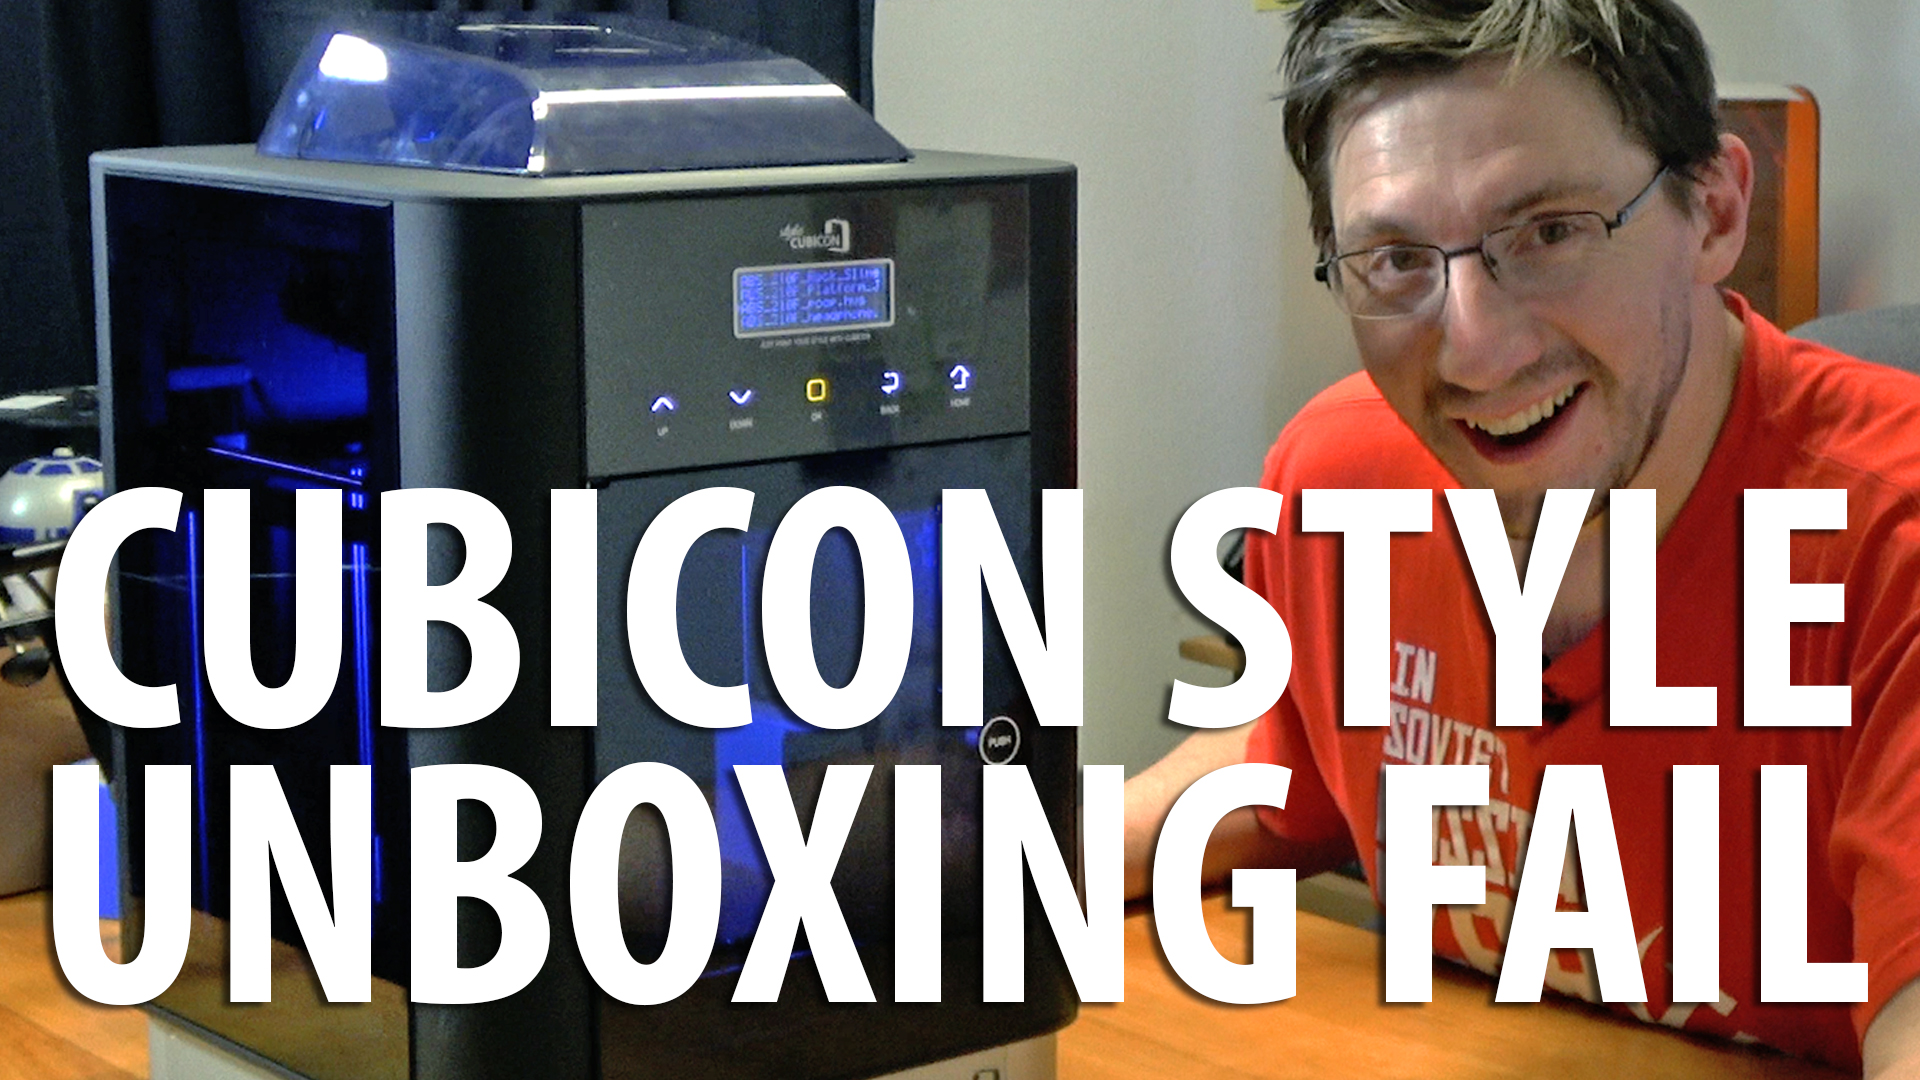 Cubicon Style 3D Printer Unboxing Fail